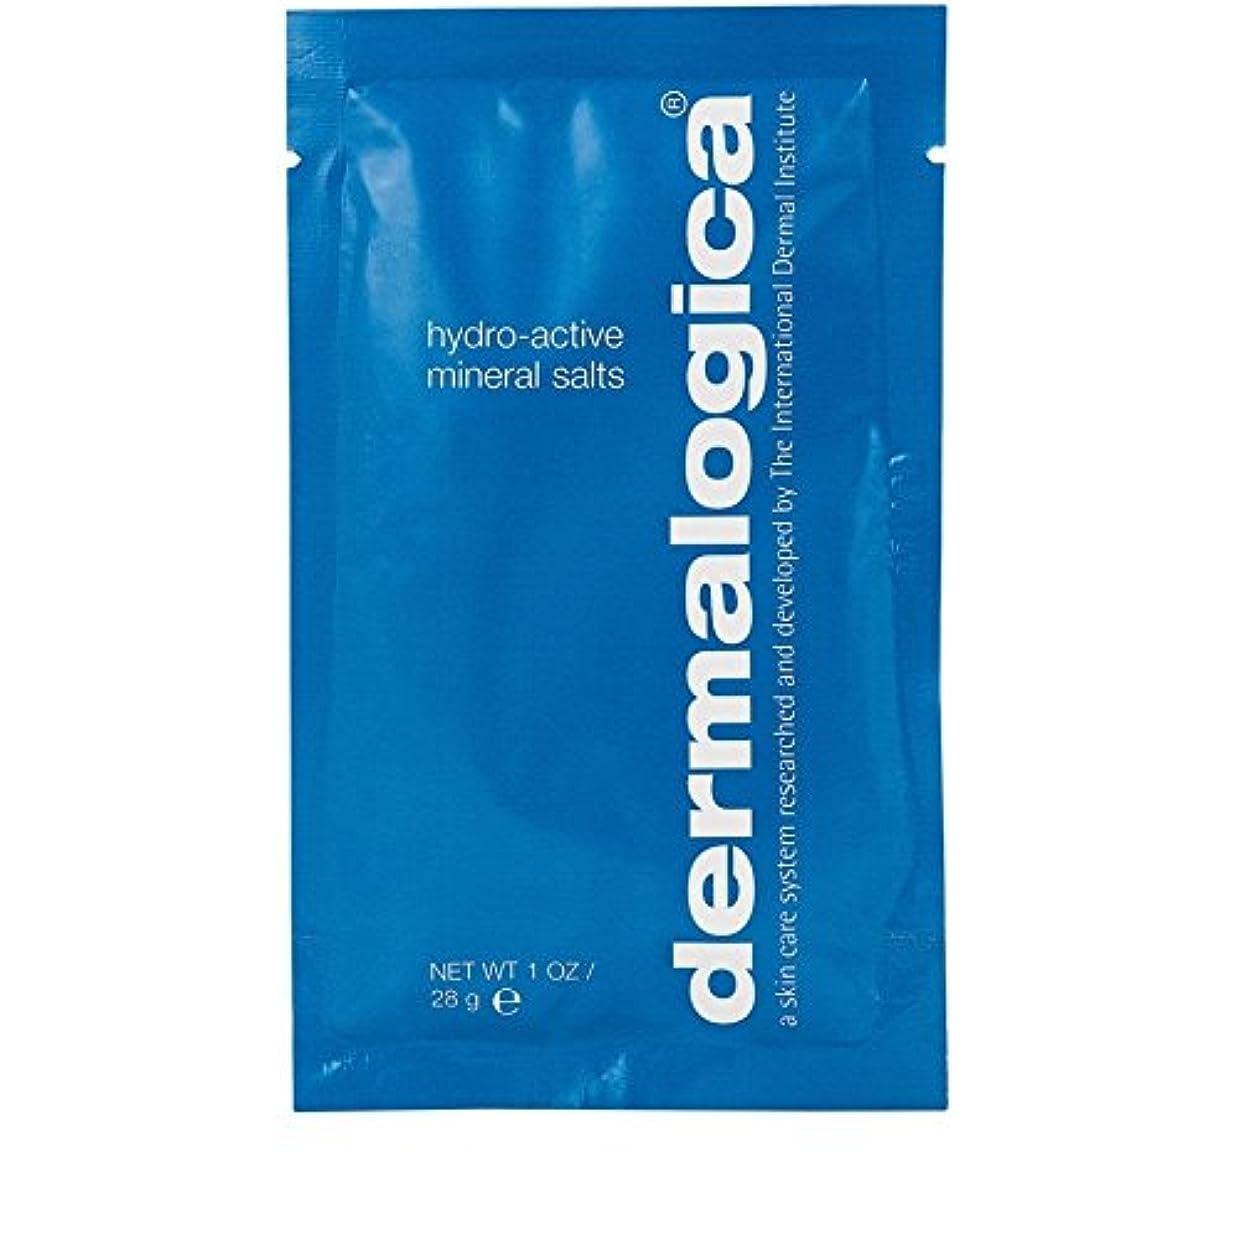 セーターボーカル逆ダーマロジカ水力アクティブミネラル塩28グラム x2 - Dermalogica Hydro Active Mineral Salt 28g (Pack of 2) [並行輸入品]